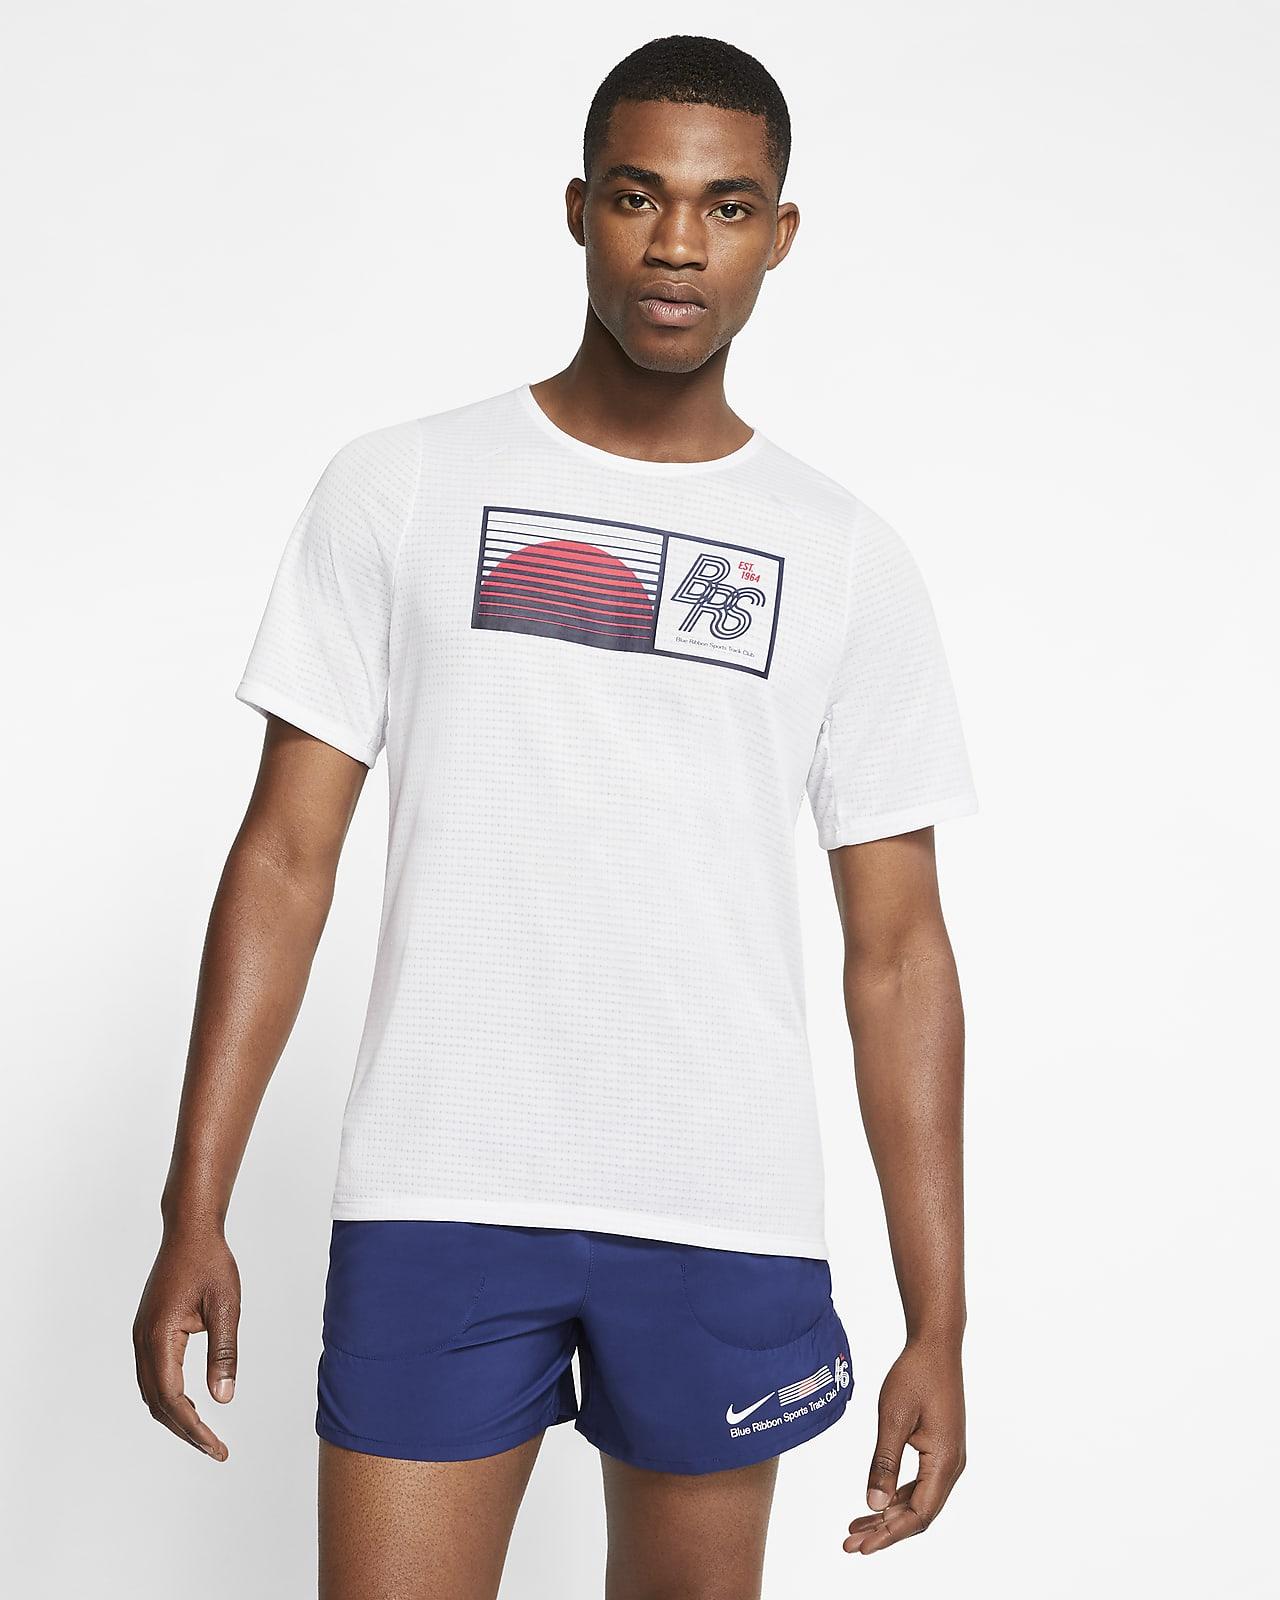 Löpartröja Nike Rise 365 Blue Ribbon Sports för män